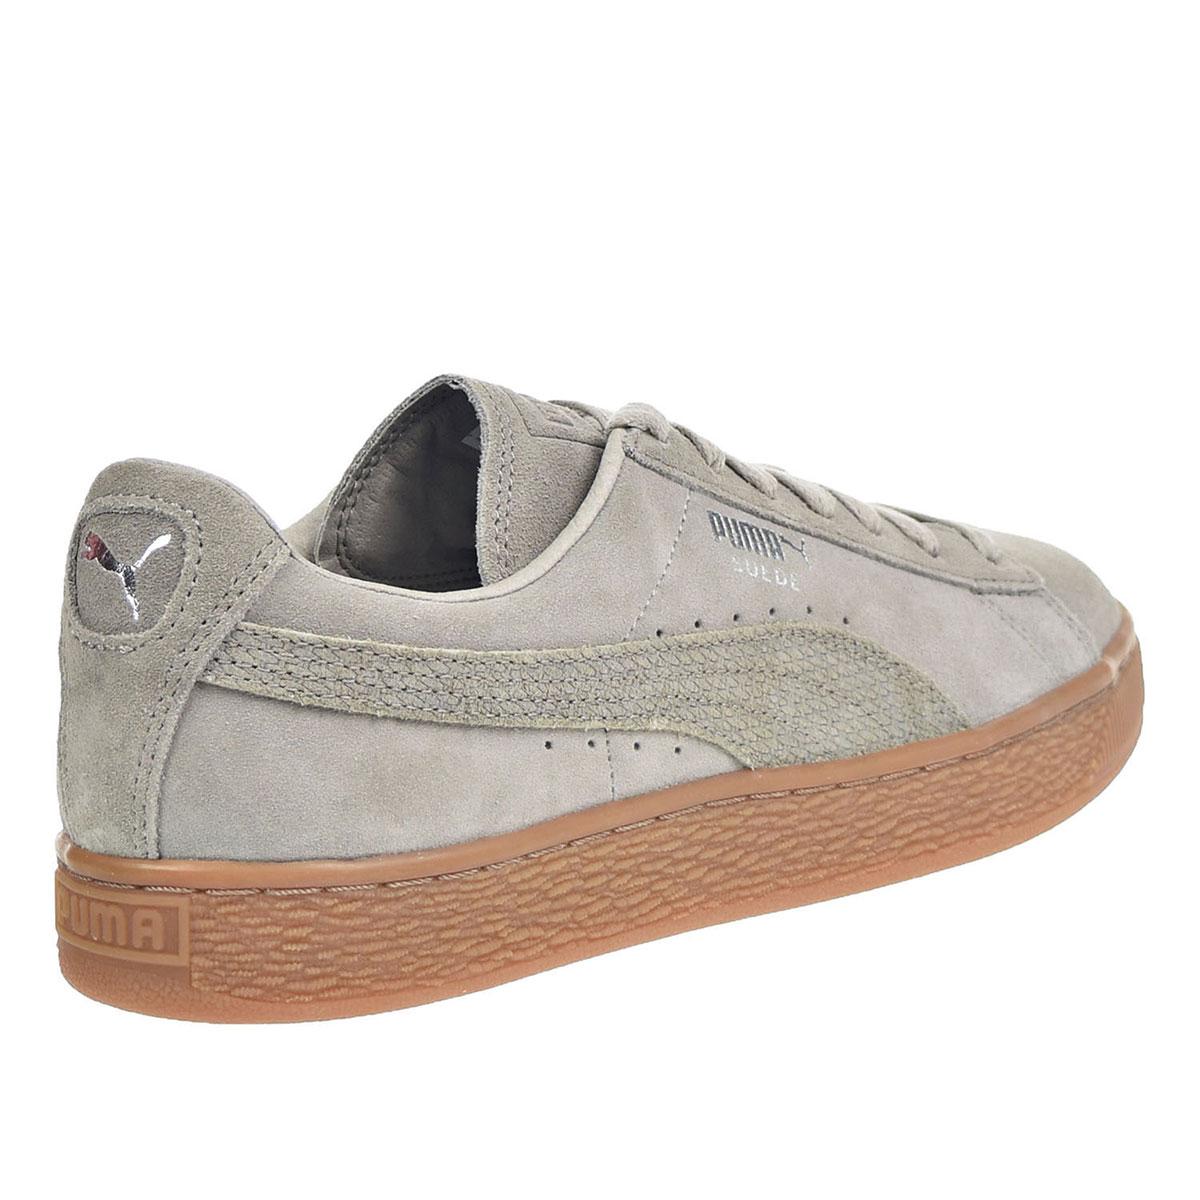 Men's Puma Suede Classic Citi Vintage Khaki